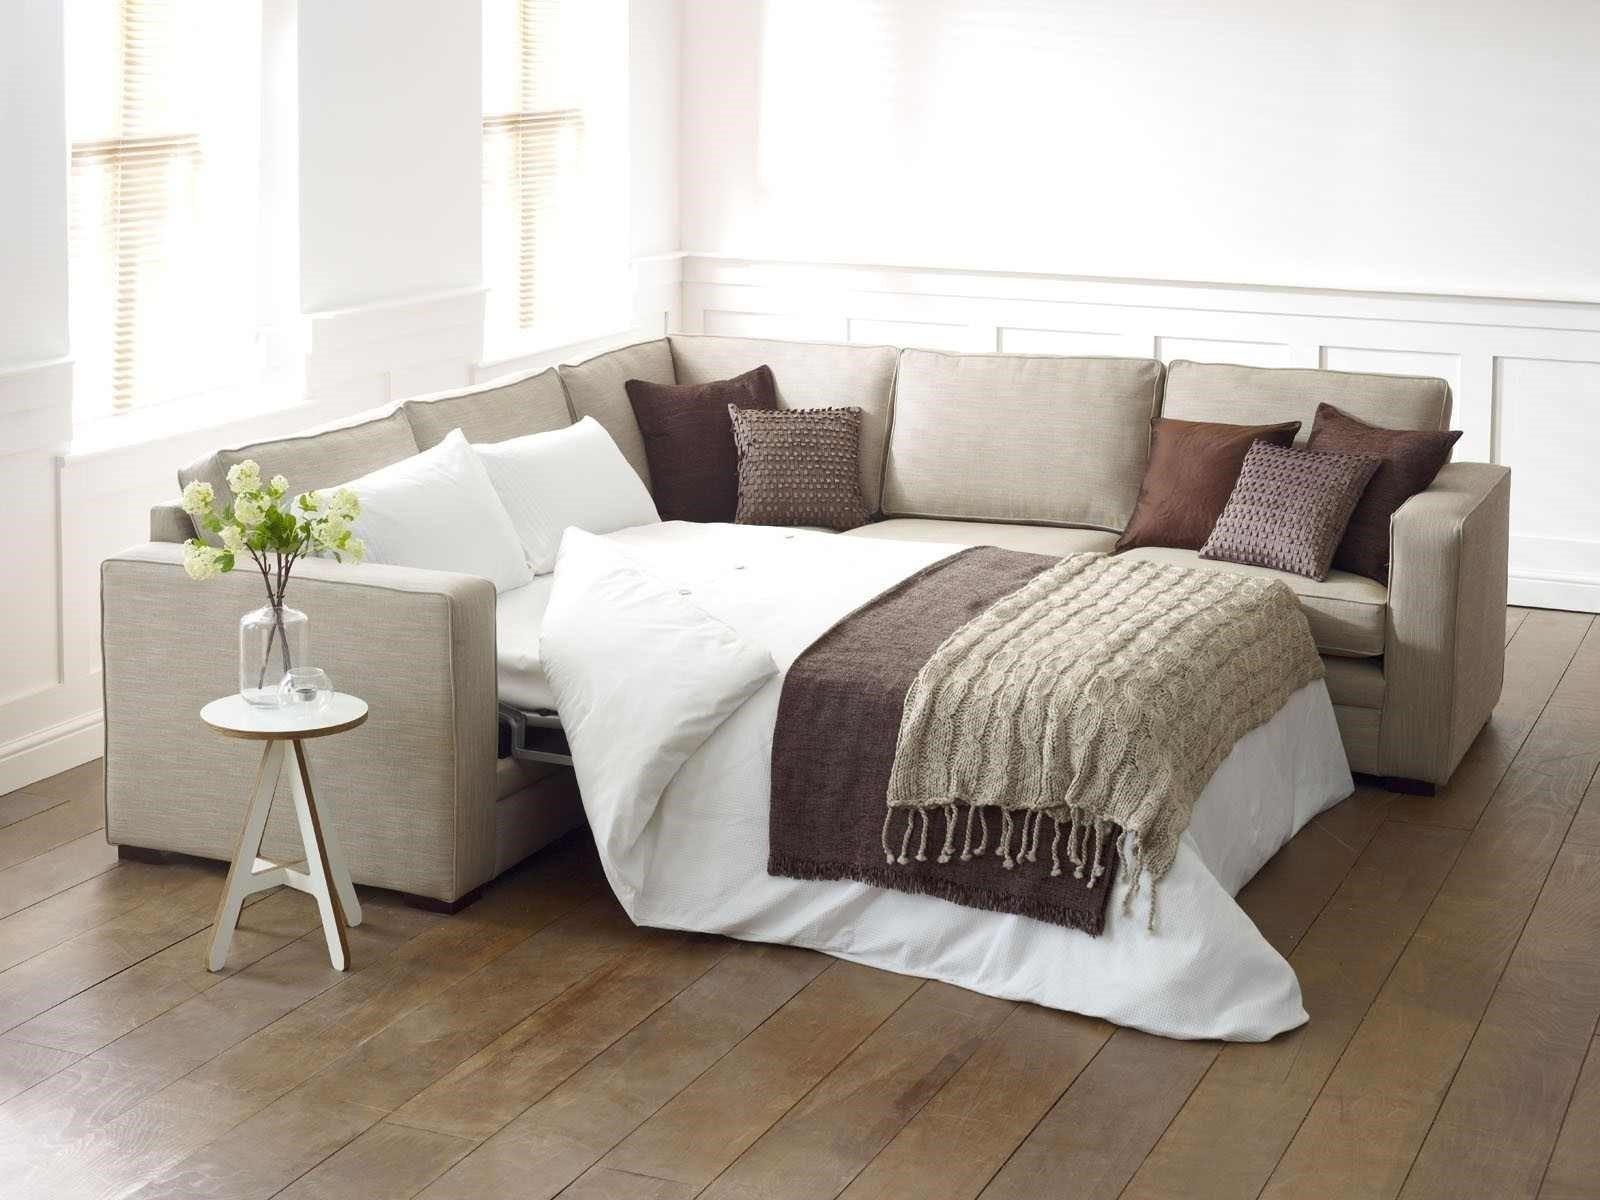 american comfort more open sofa cs blog sale bedrooms sleeper breckin mkt comforter leather